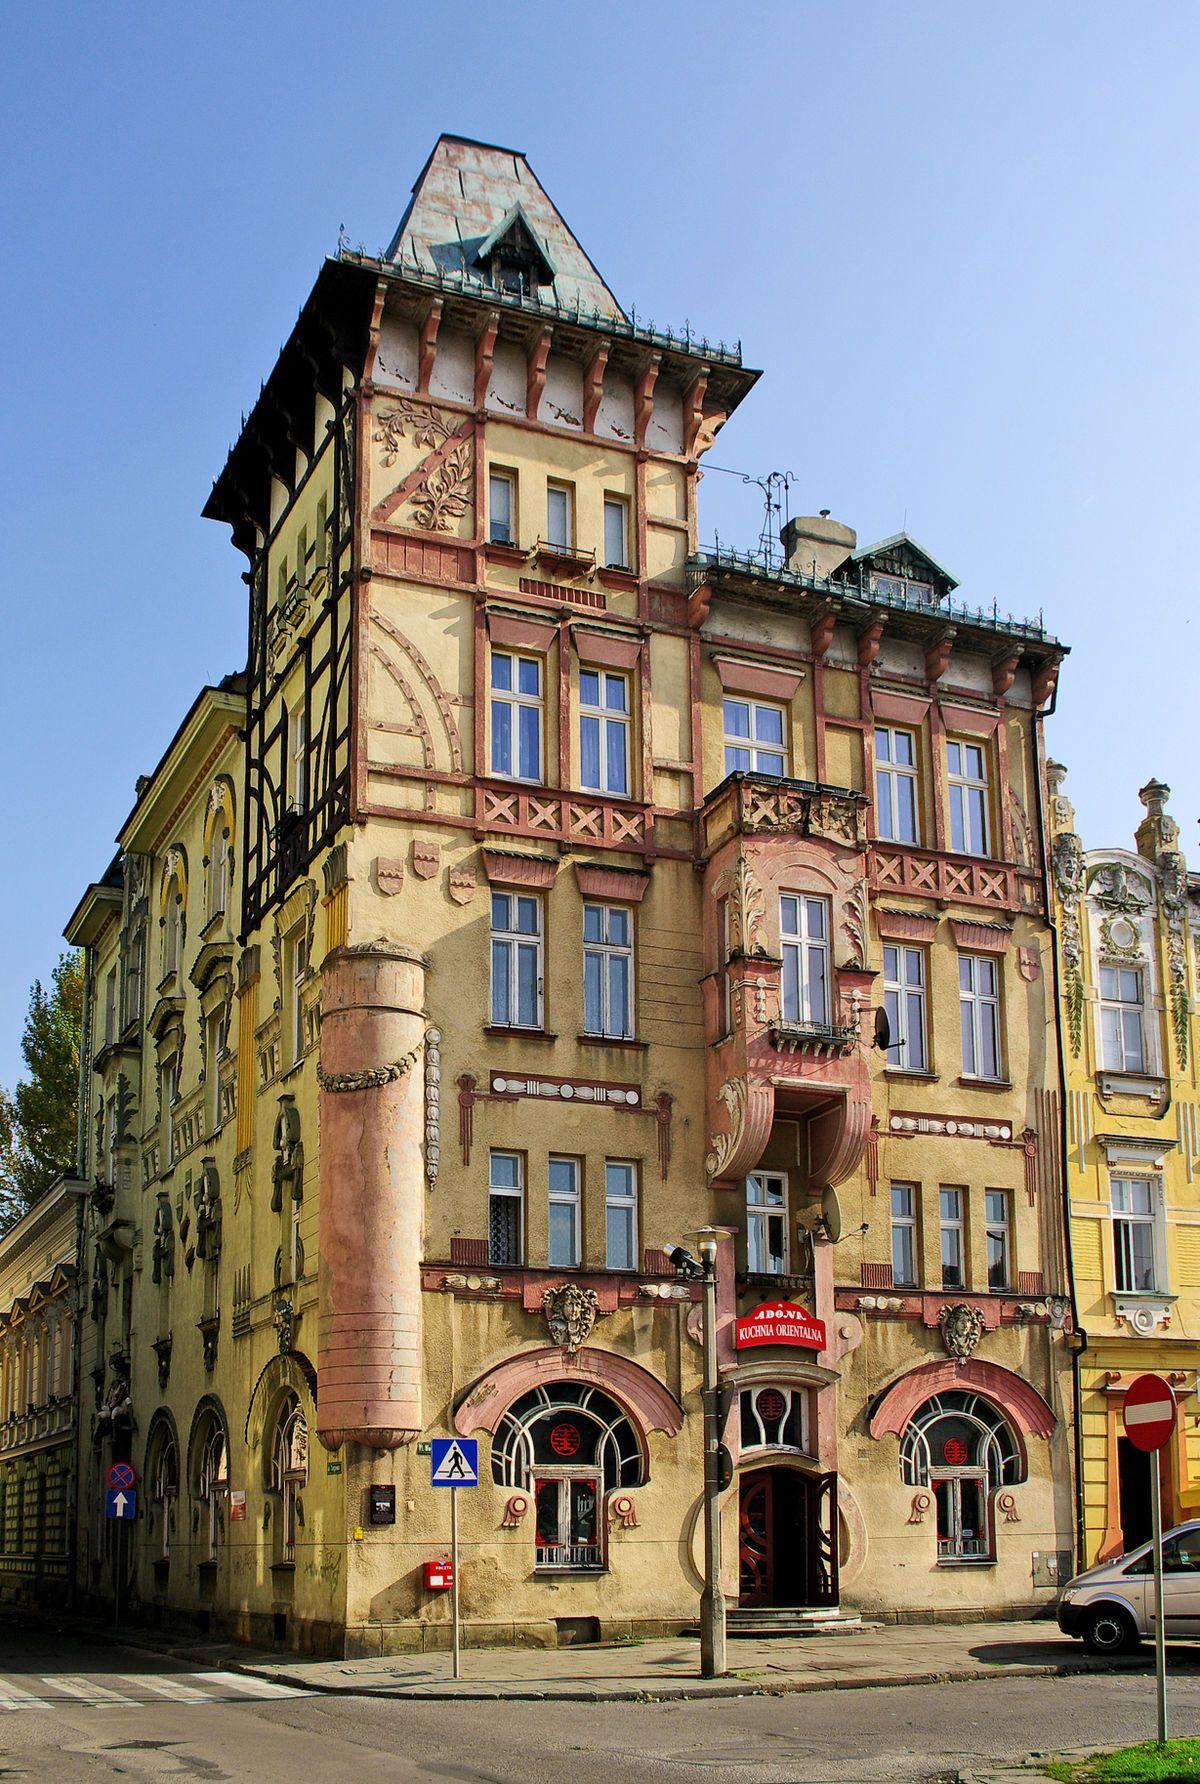 Secesyjna Kamienica Pod Zabami W Bielsku Bialej Poland Cities Poland Poland Travel